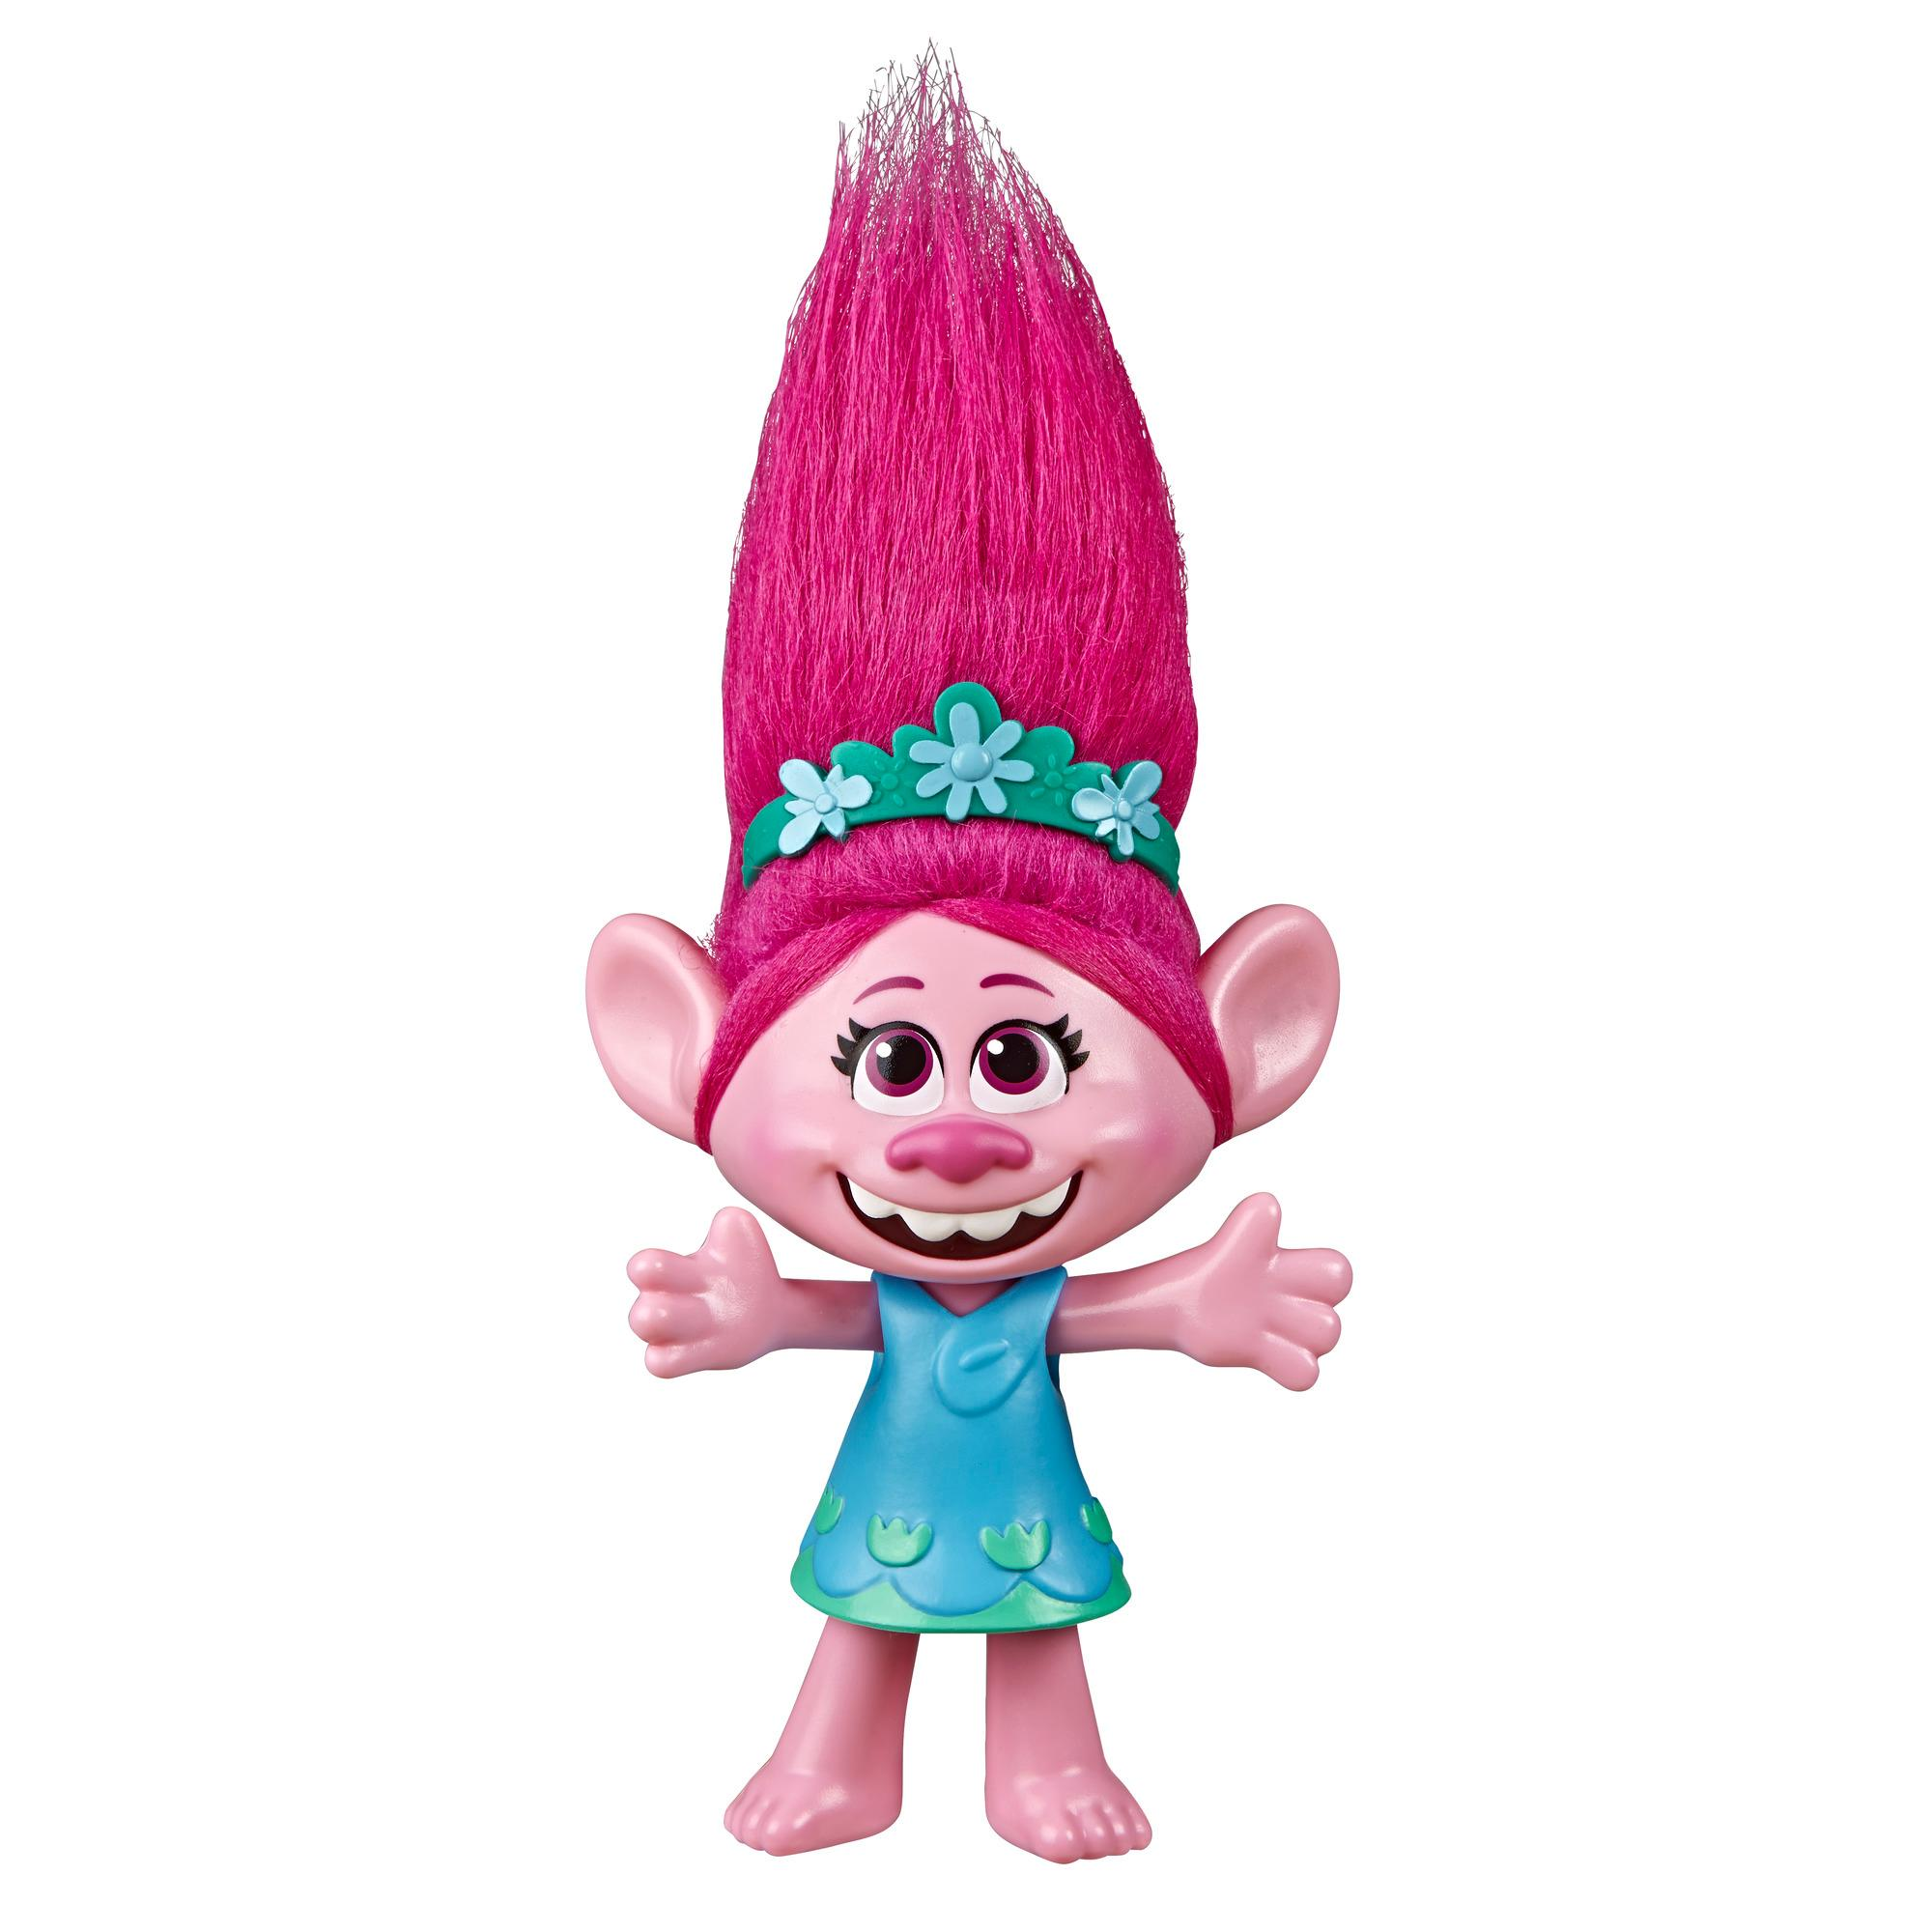 Muñeca cantarina Pop Music Poppy de DreamWorks Trolls, que canta «Los Trolls querrán disfrutar» de Trolls: Gira mundial de DreamWorks